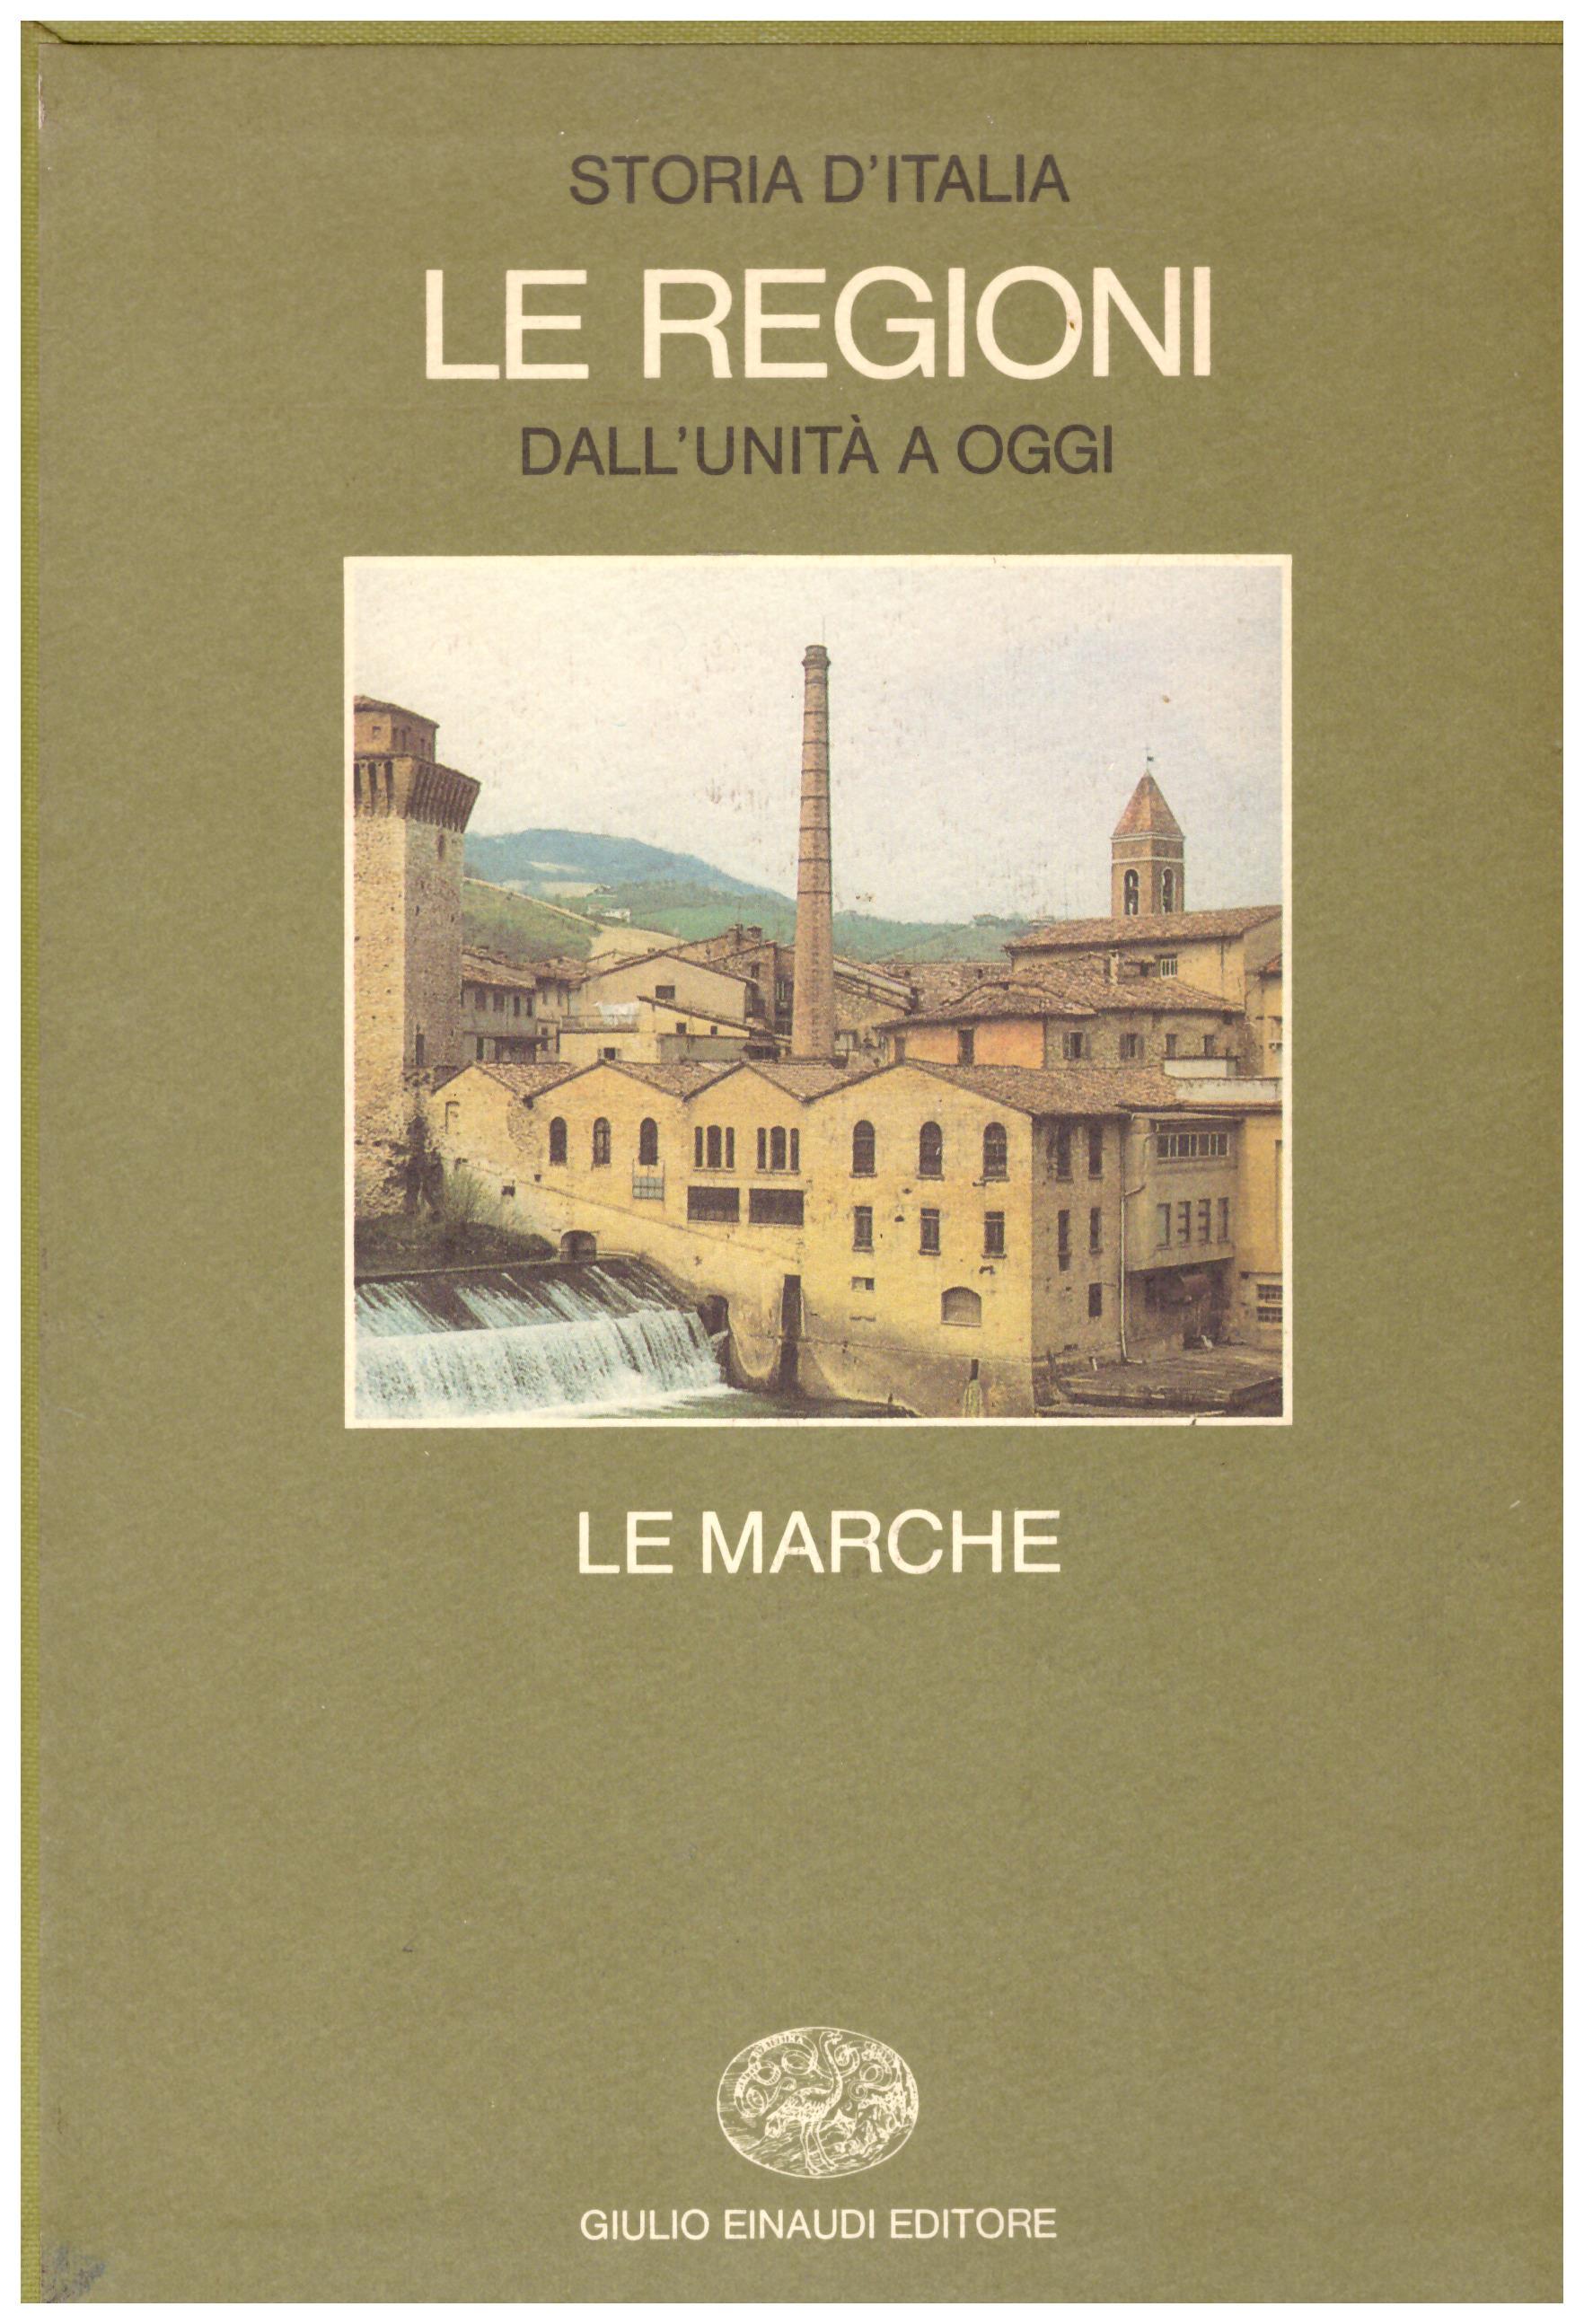 Titolo: Storia d'Italia, Le regioni dall'unità a oggi, Le Marche  Autore : AA.VV.  Editore: Einaudi